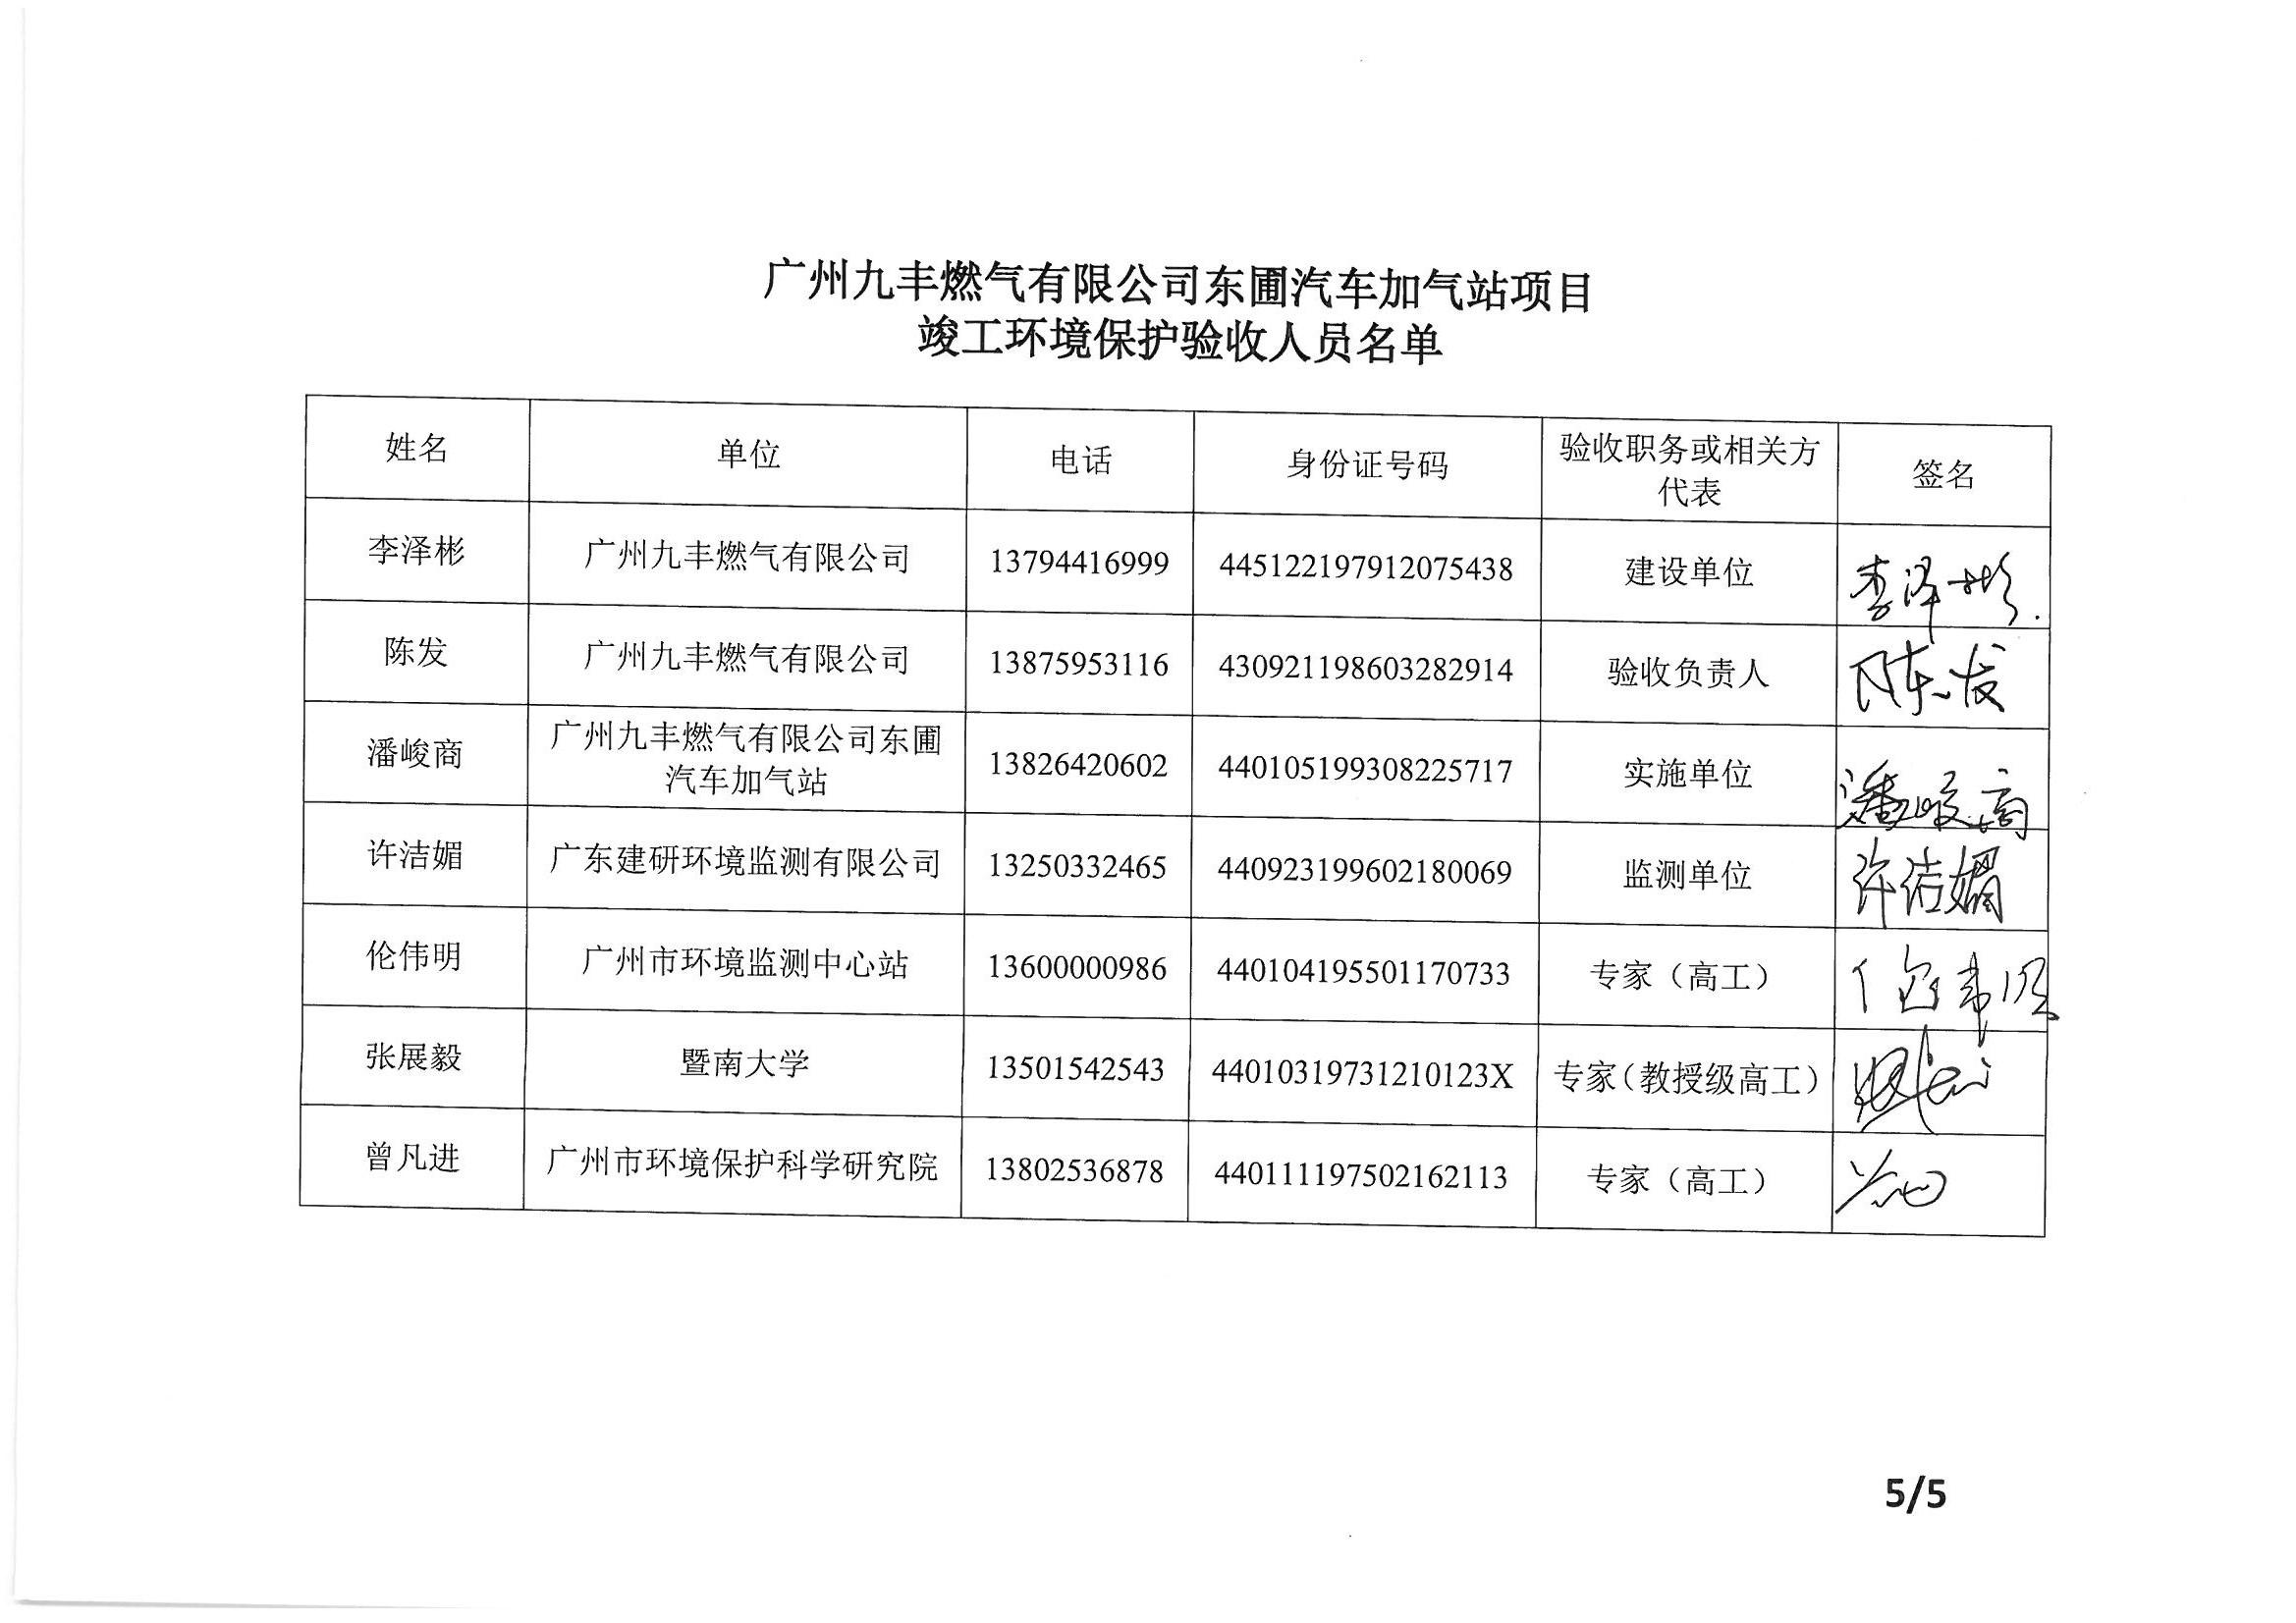 广州九丰燃气有限公司东圃汽车加气站项目竣工环境保护验收意见_页面_5